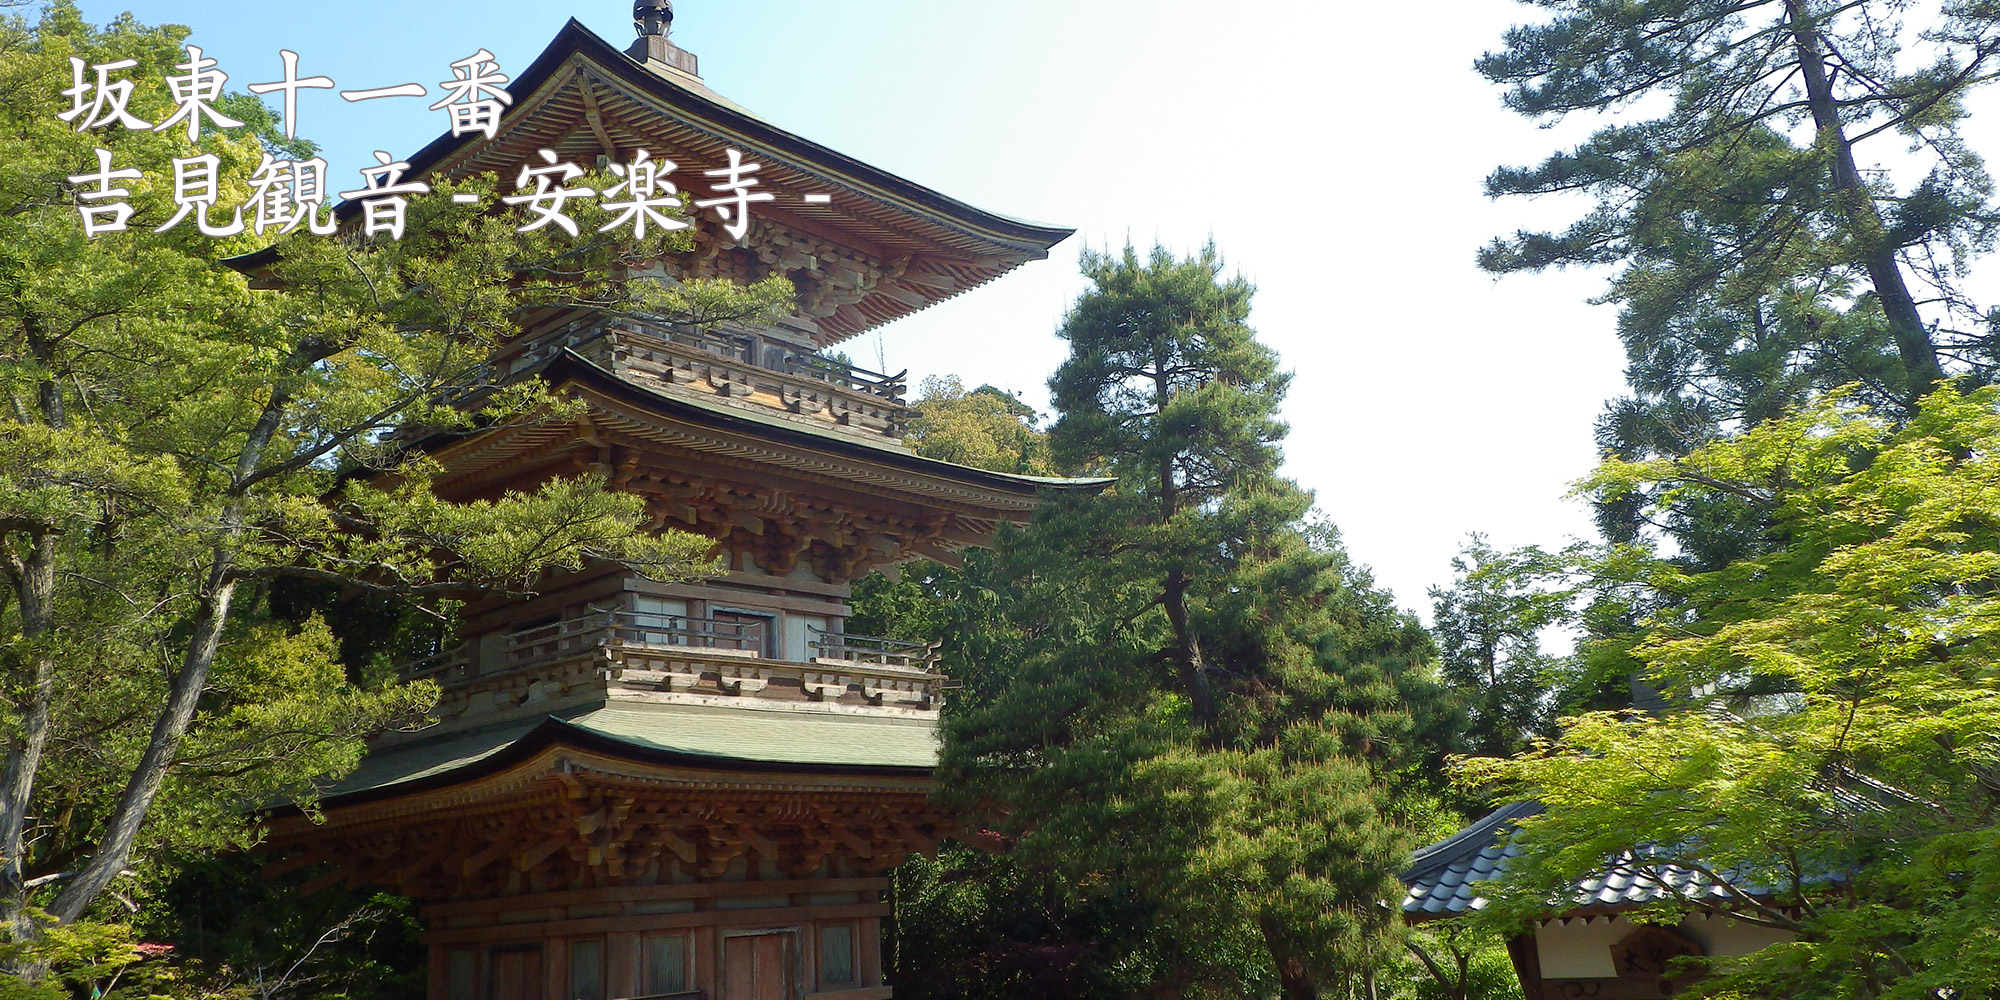 吉見観音-安楽寺-